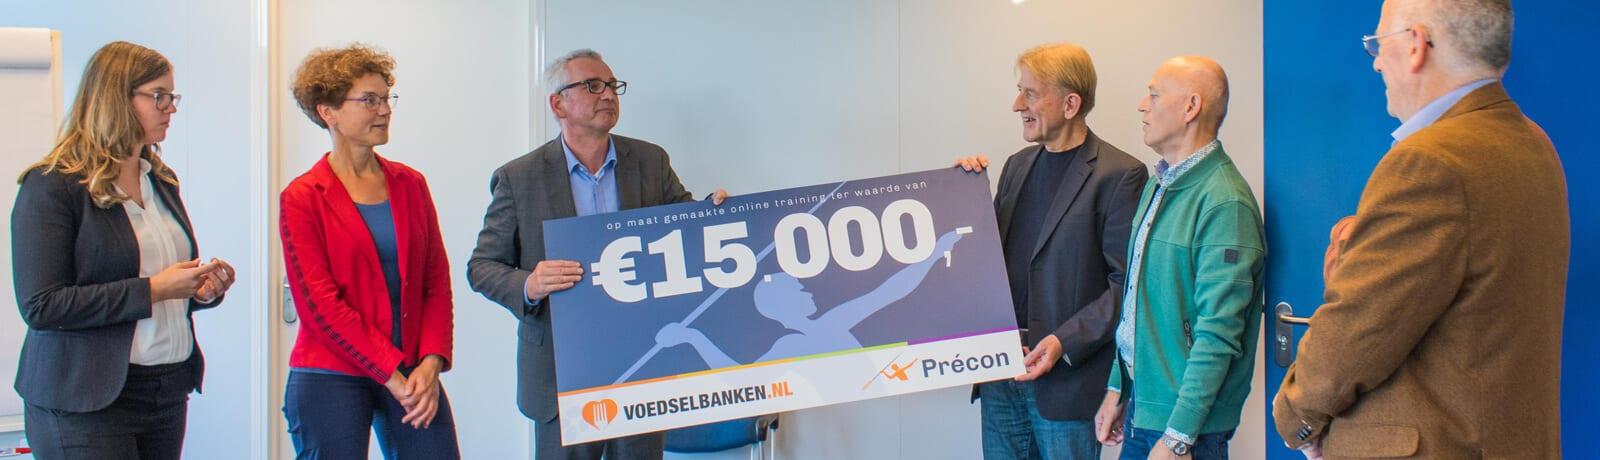 Précon doneert online training aan Voedselbanken Nederland